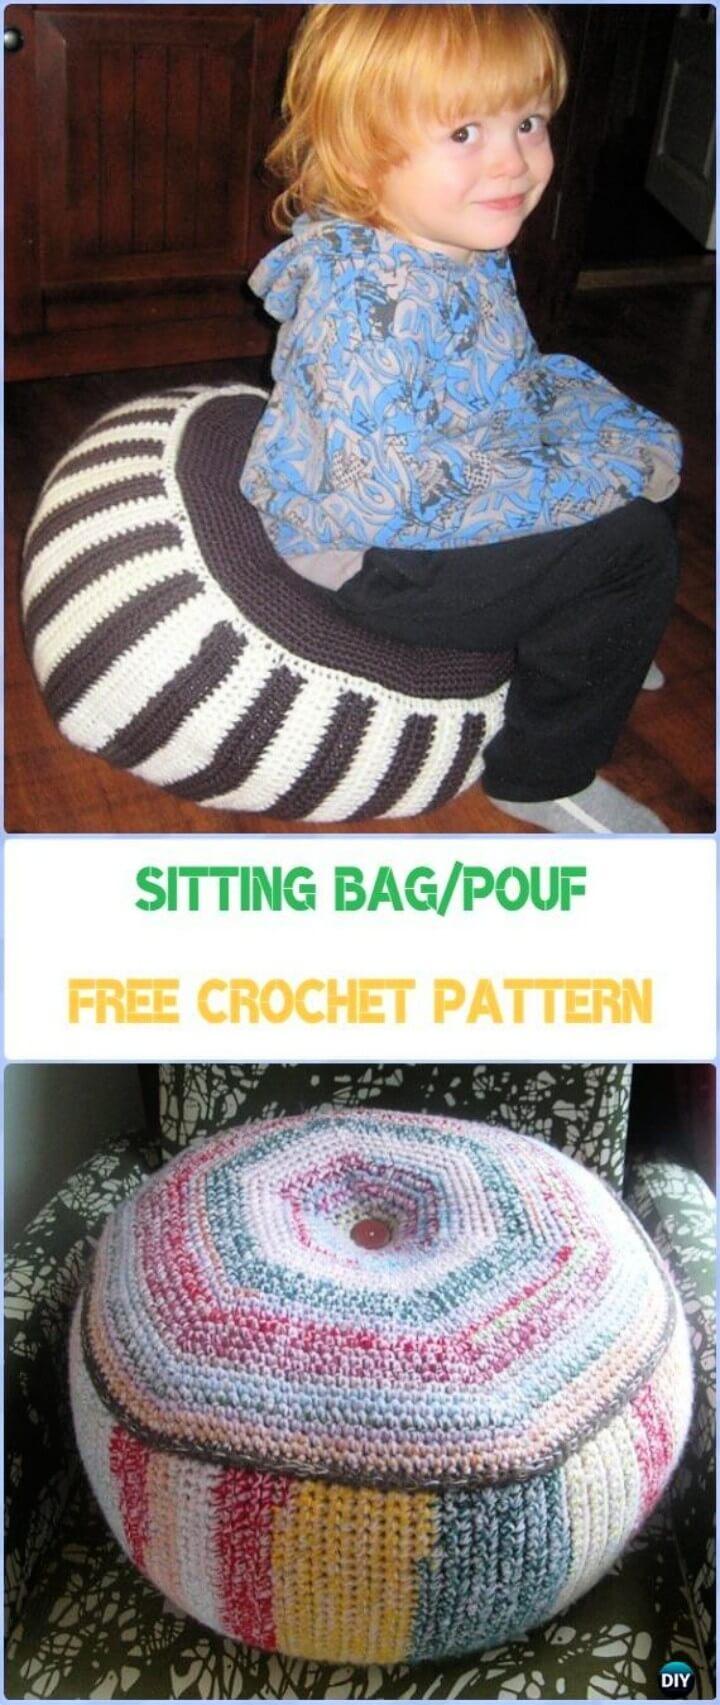 Sitting Bag/Pouf